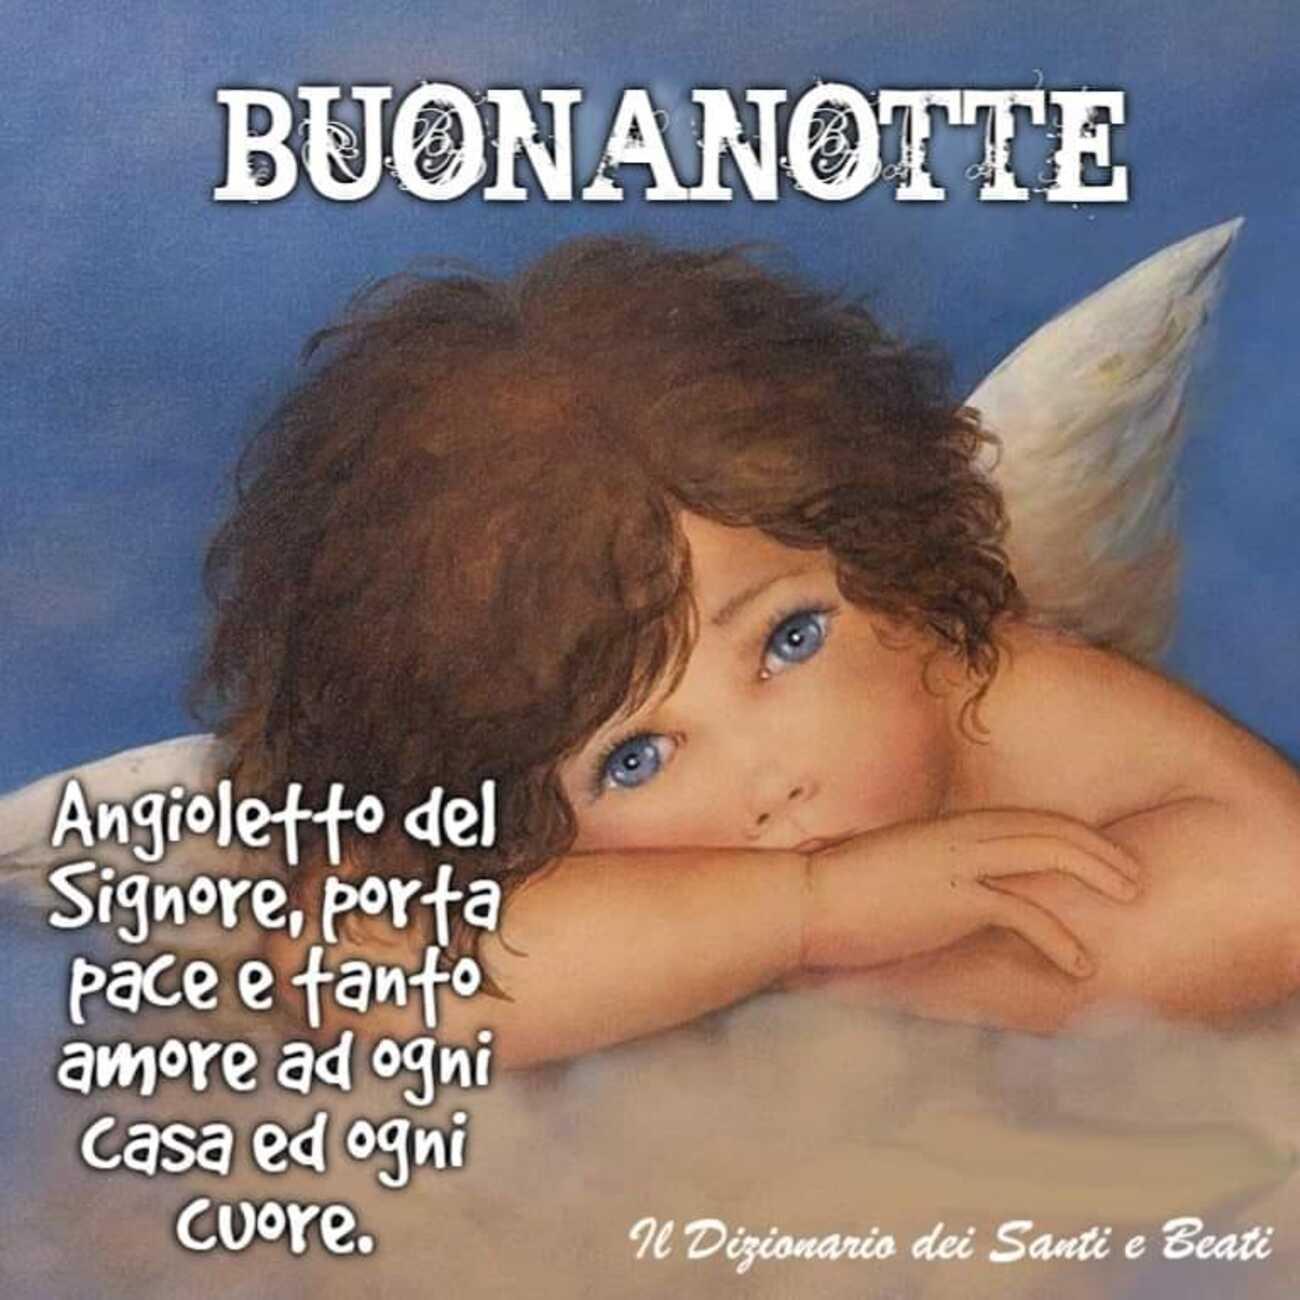 Buonanotte Angioletto del Signore porta pace e tanto amore ad ogni casa ed ogni cuore